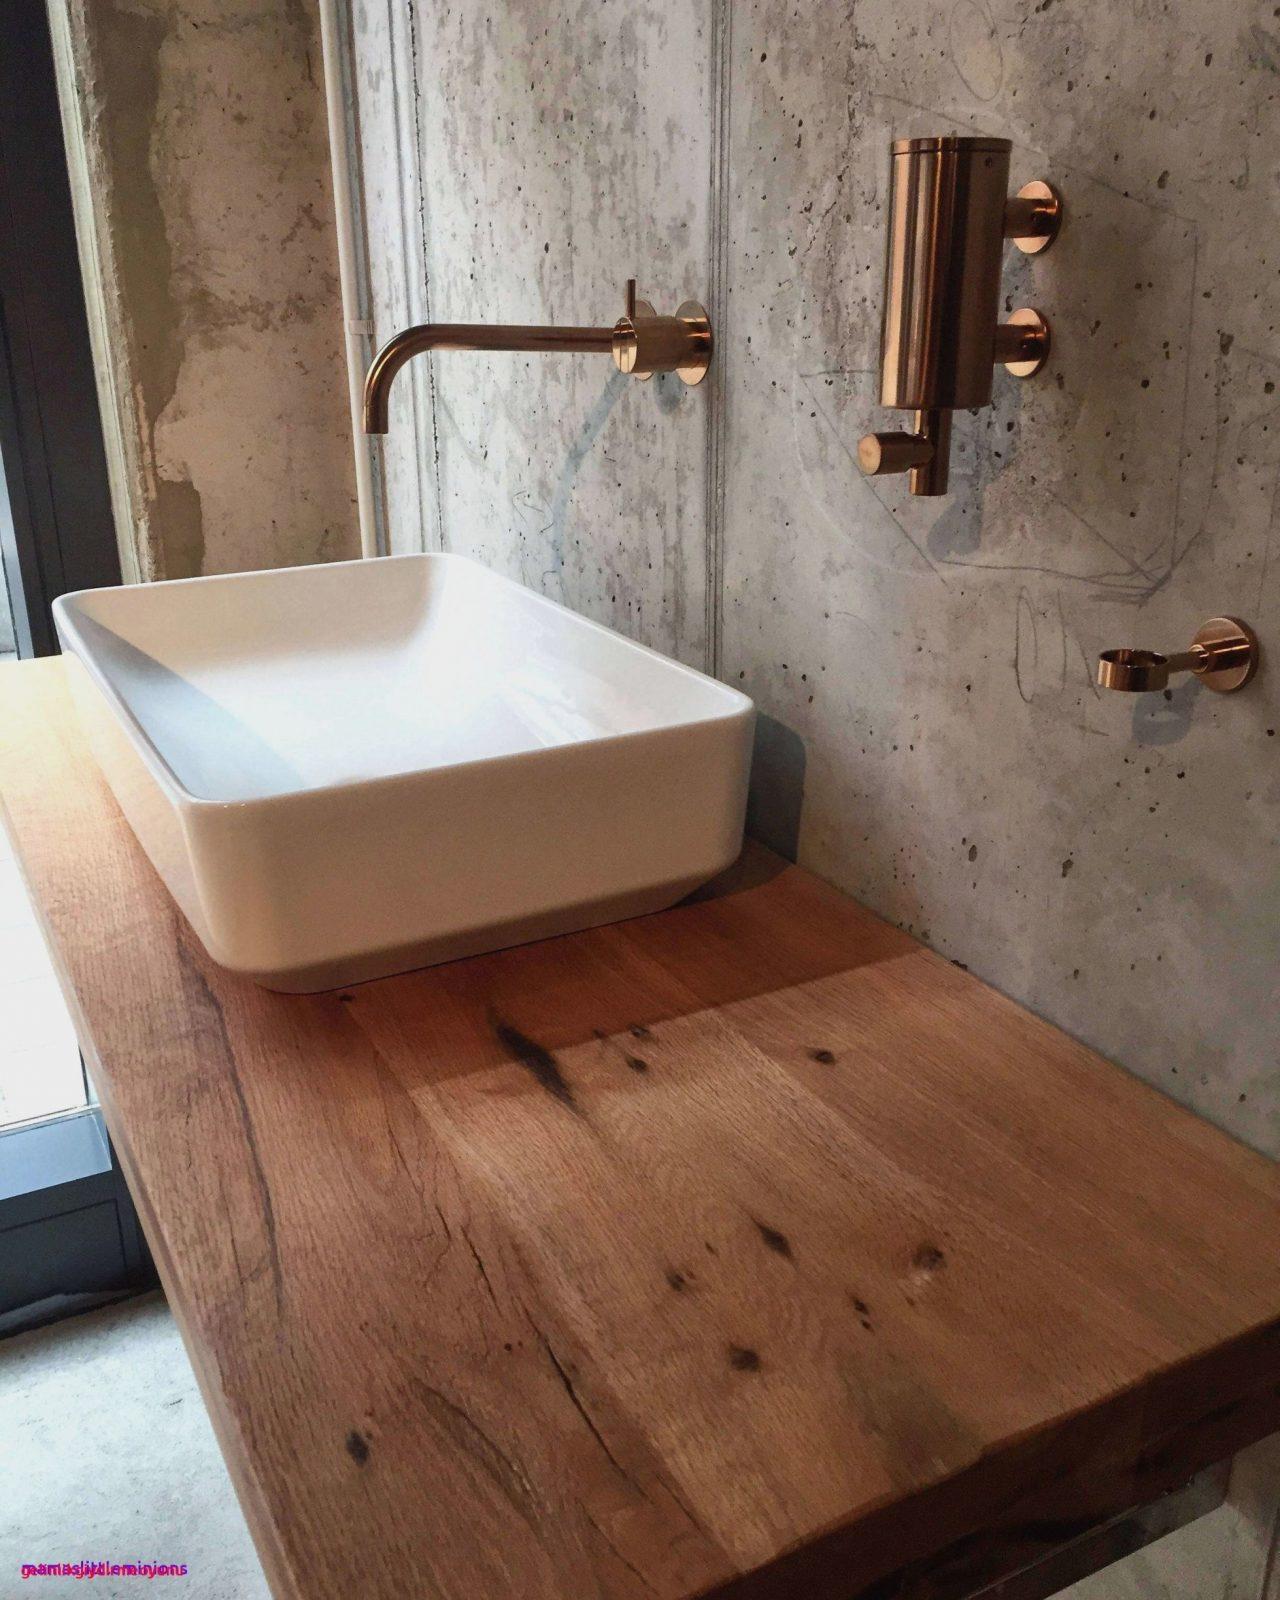 Waschbeckenunterschrank Selber Bauen Anleitung  Dekorieren Bei Das Haus von Bad Unterschrank Selber Bauen Bild